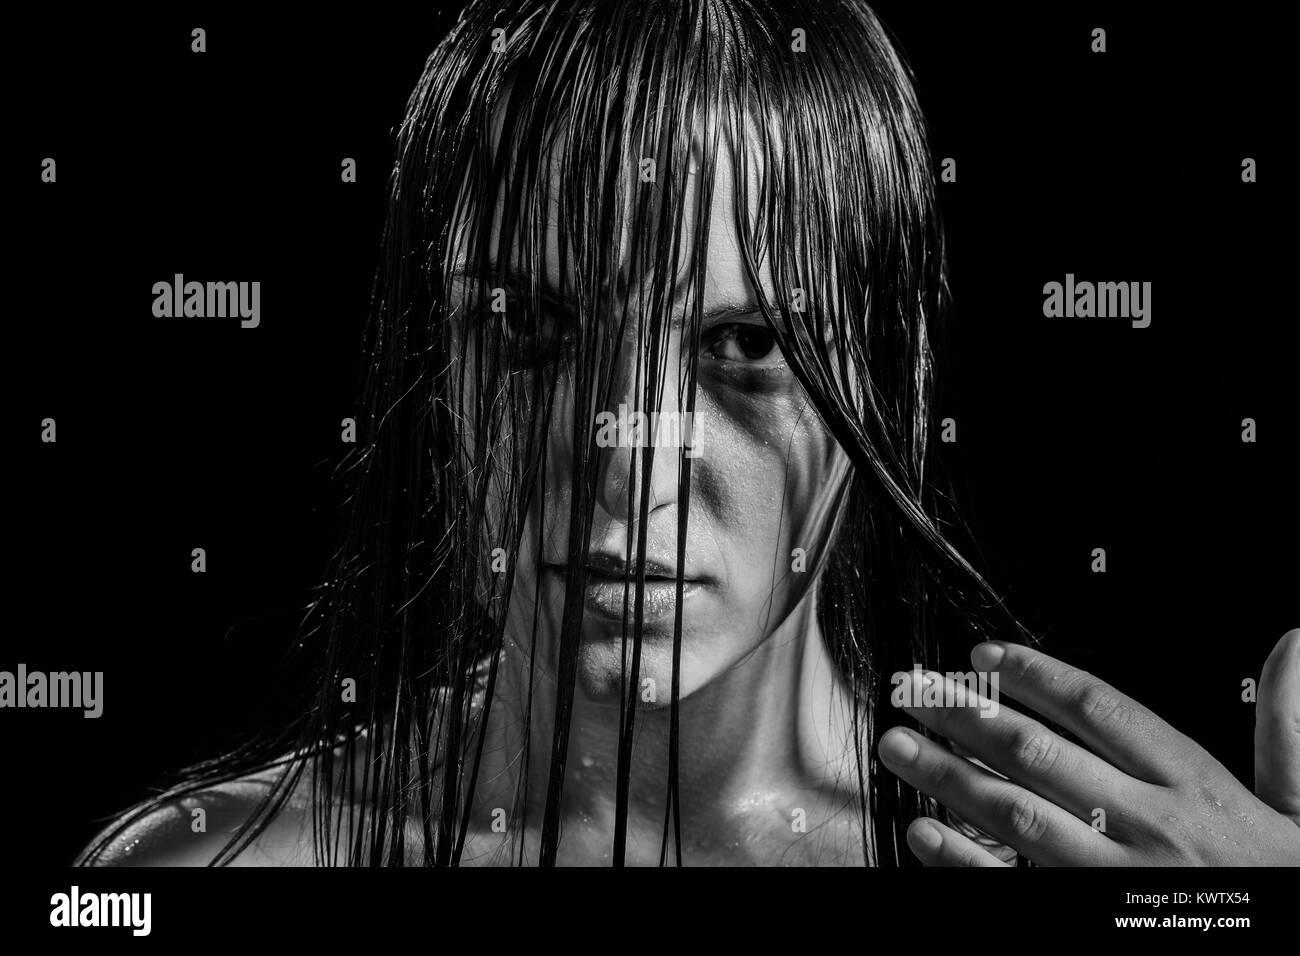 Ernsthafte wütende Frau mit nassen, schwarzen Haaren auf Kamera, Monochrom Stockbild